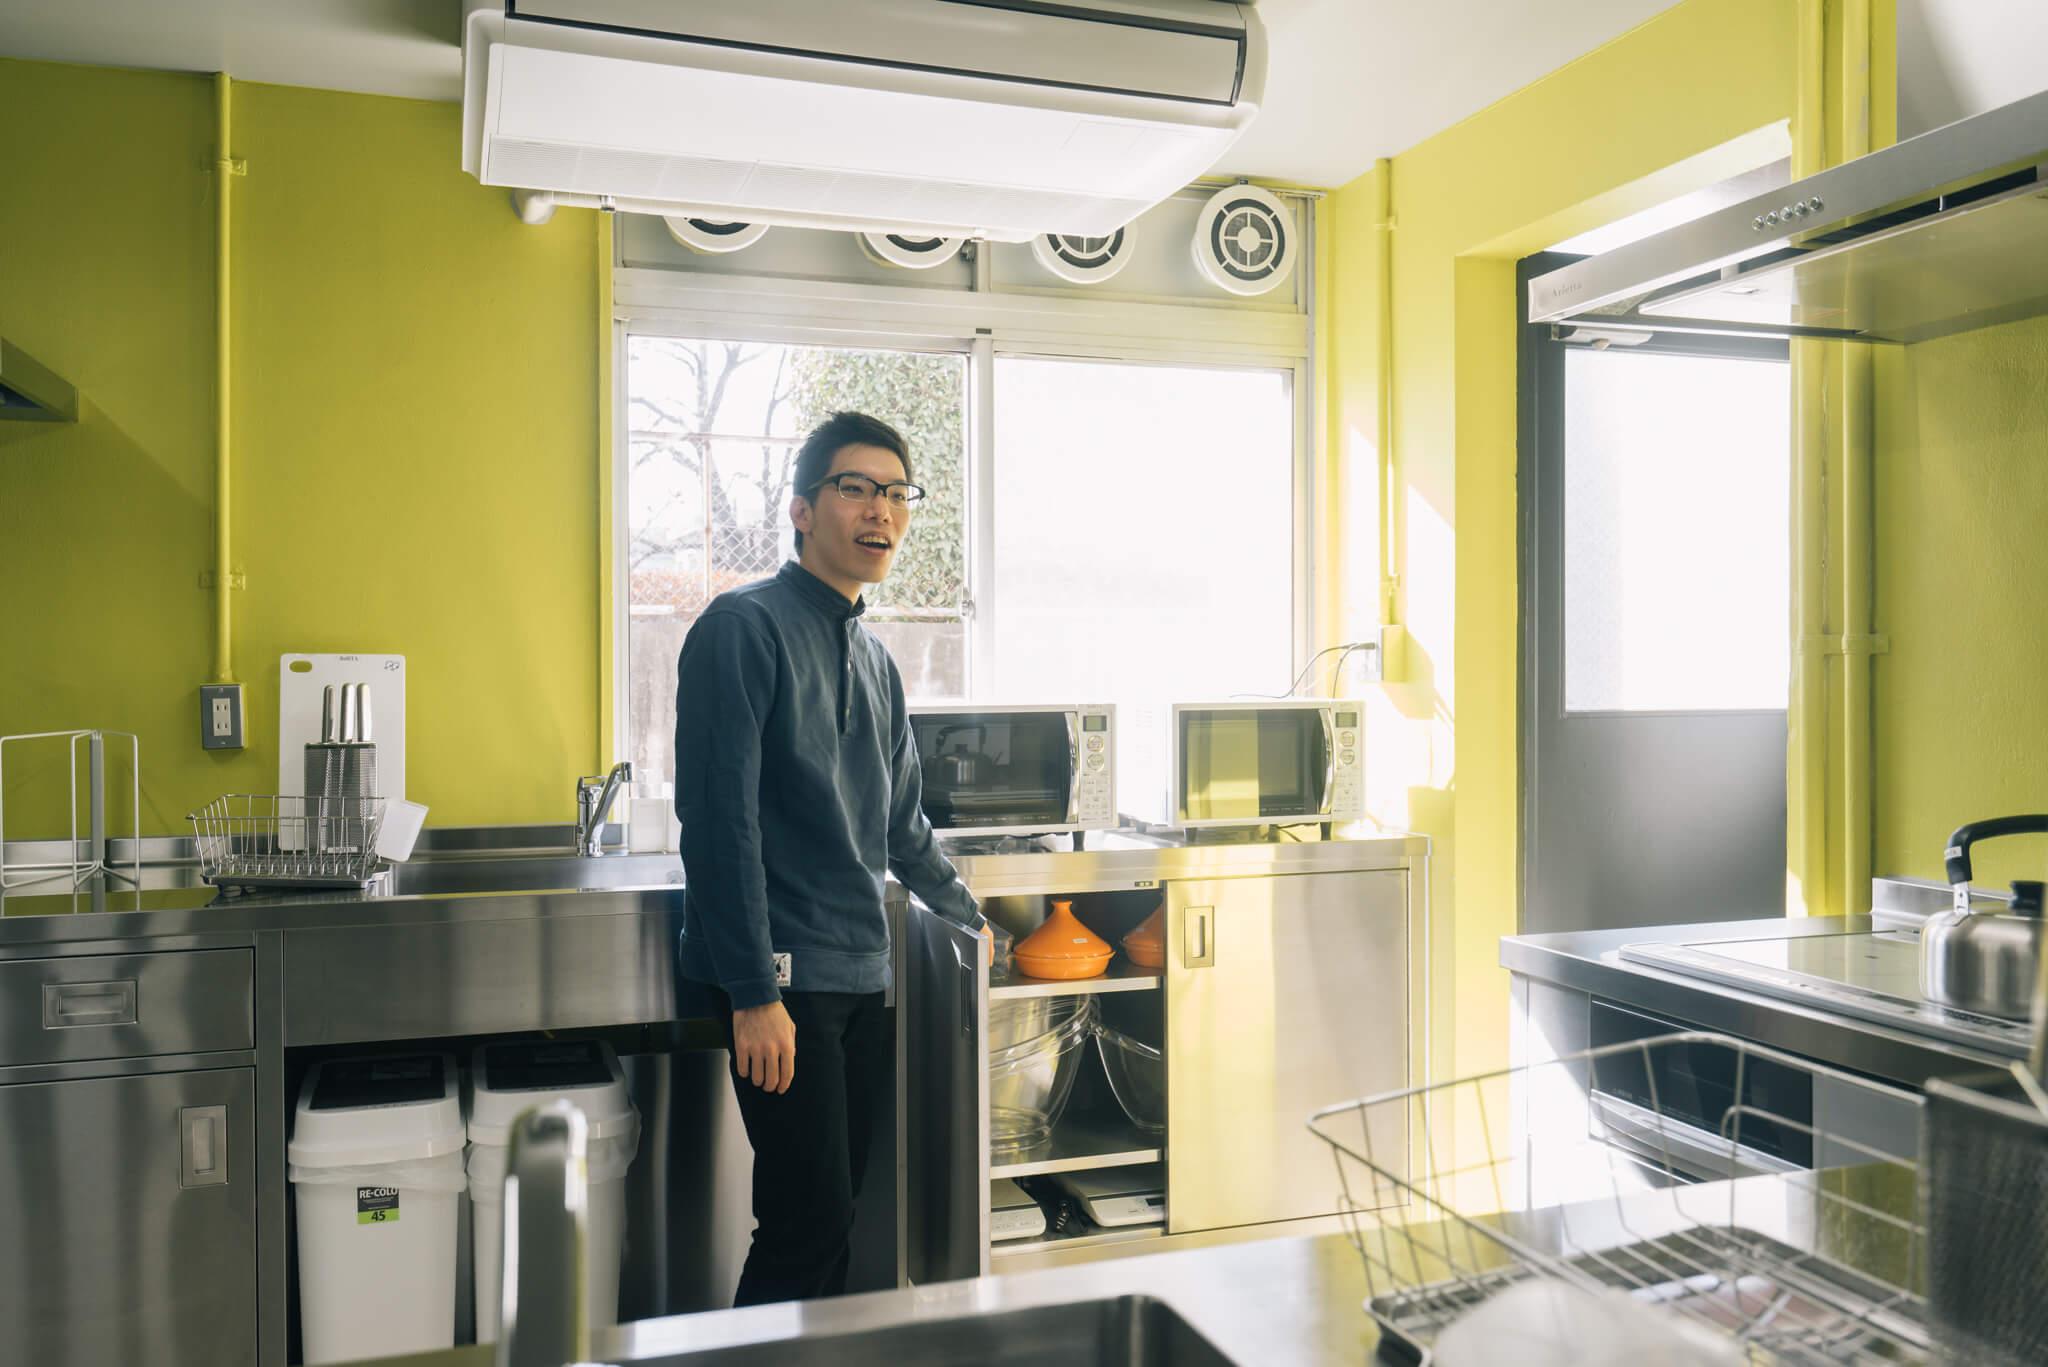 「ワインクーラーとか、タジン鍋とか、ひとり暮らしだとなかなか買わないような道具もあるんですよ」と中田さん。